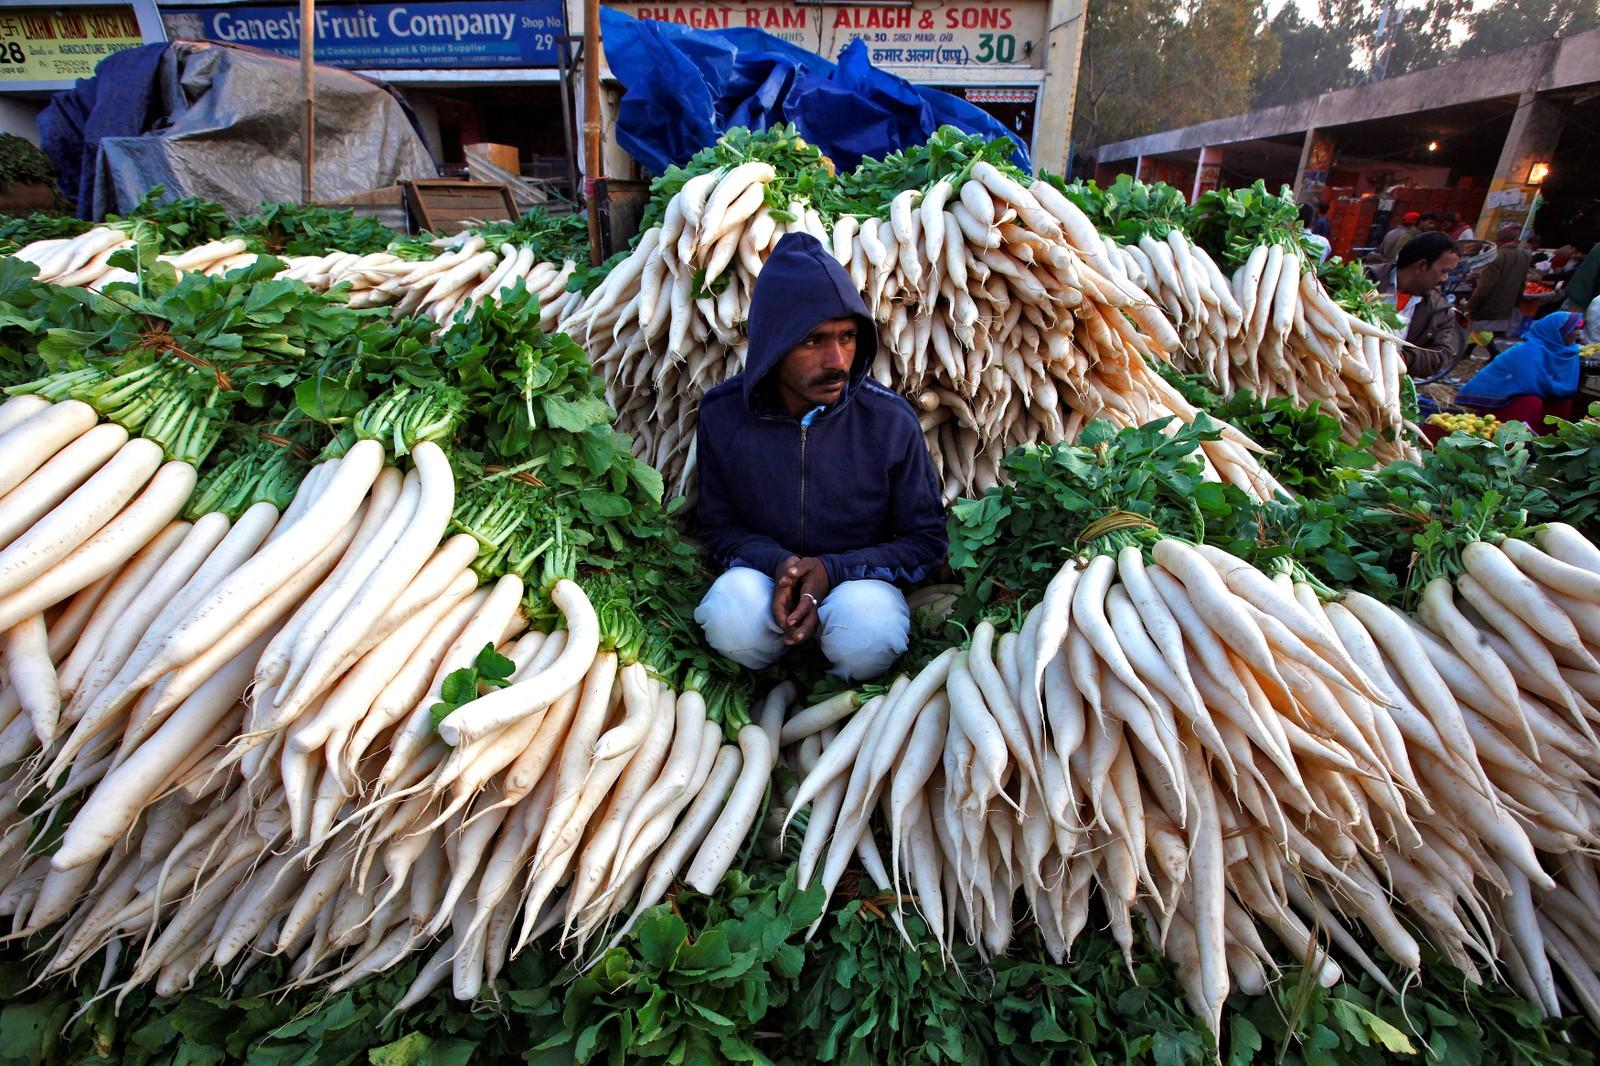 Han har tydeligvis spesialisert seg. Han selger reddiker på et marked i Chandigarh i India.